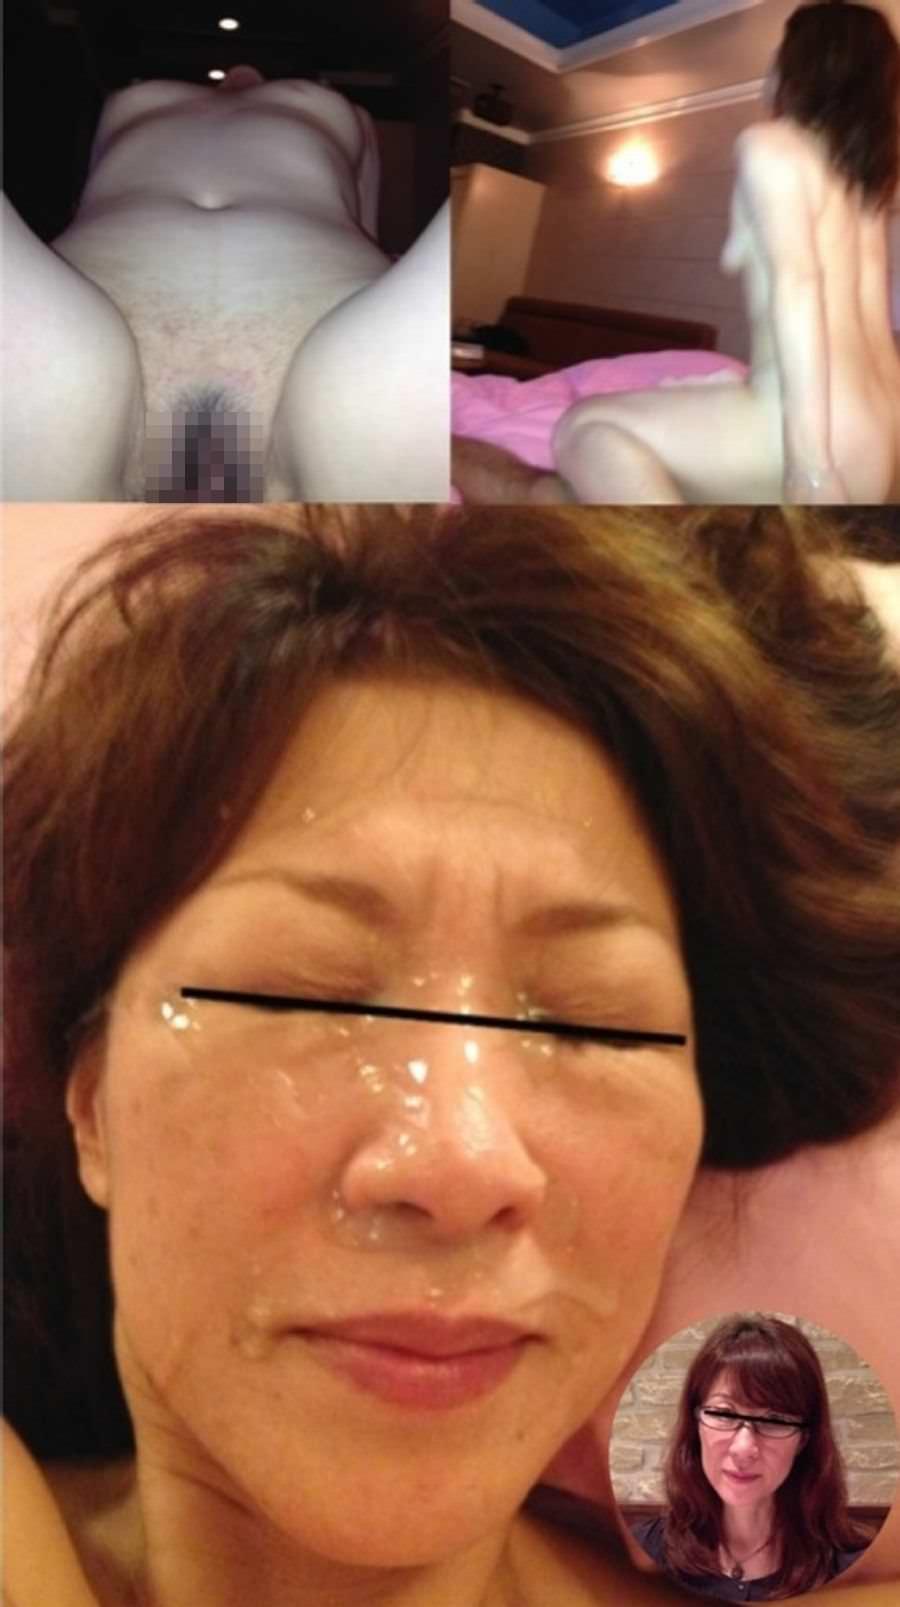 熟女に顔射www40・50代の性欲衰えない夫婦の個人撮影www 0522